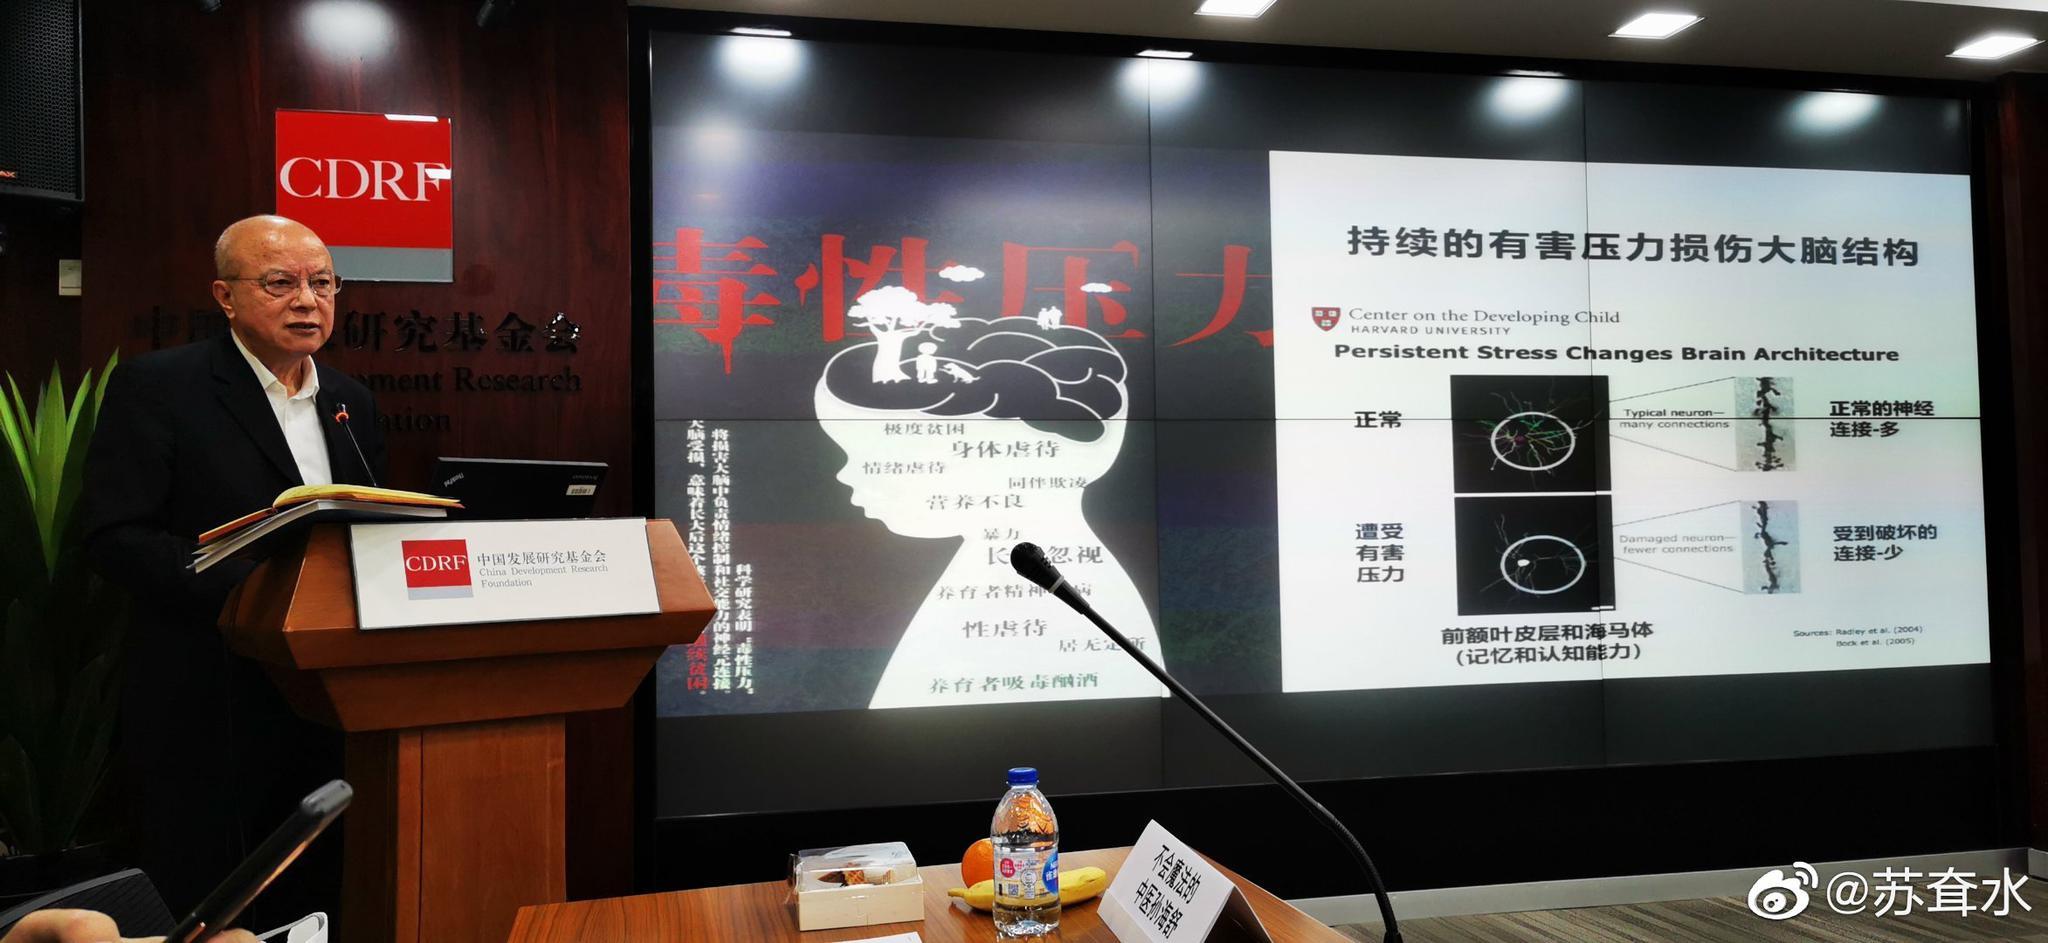 《中国新闻周刊》那个关于张桂梅老师的报道里提到